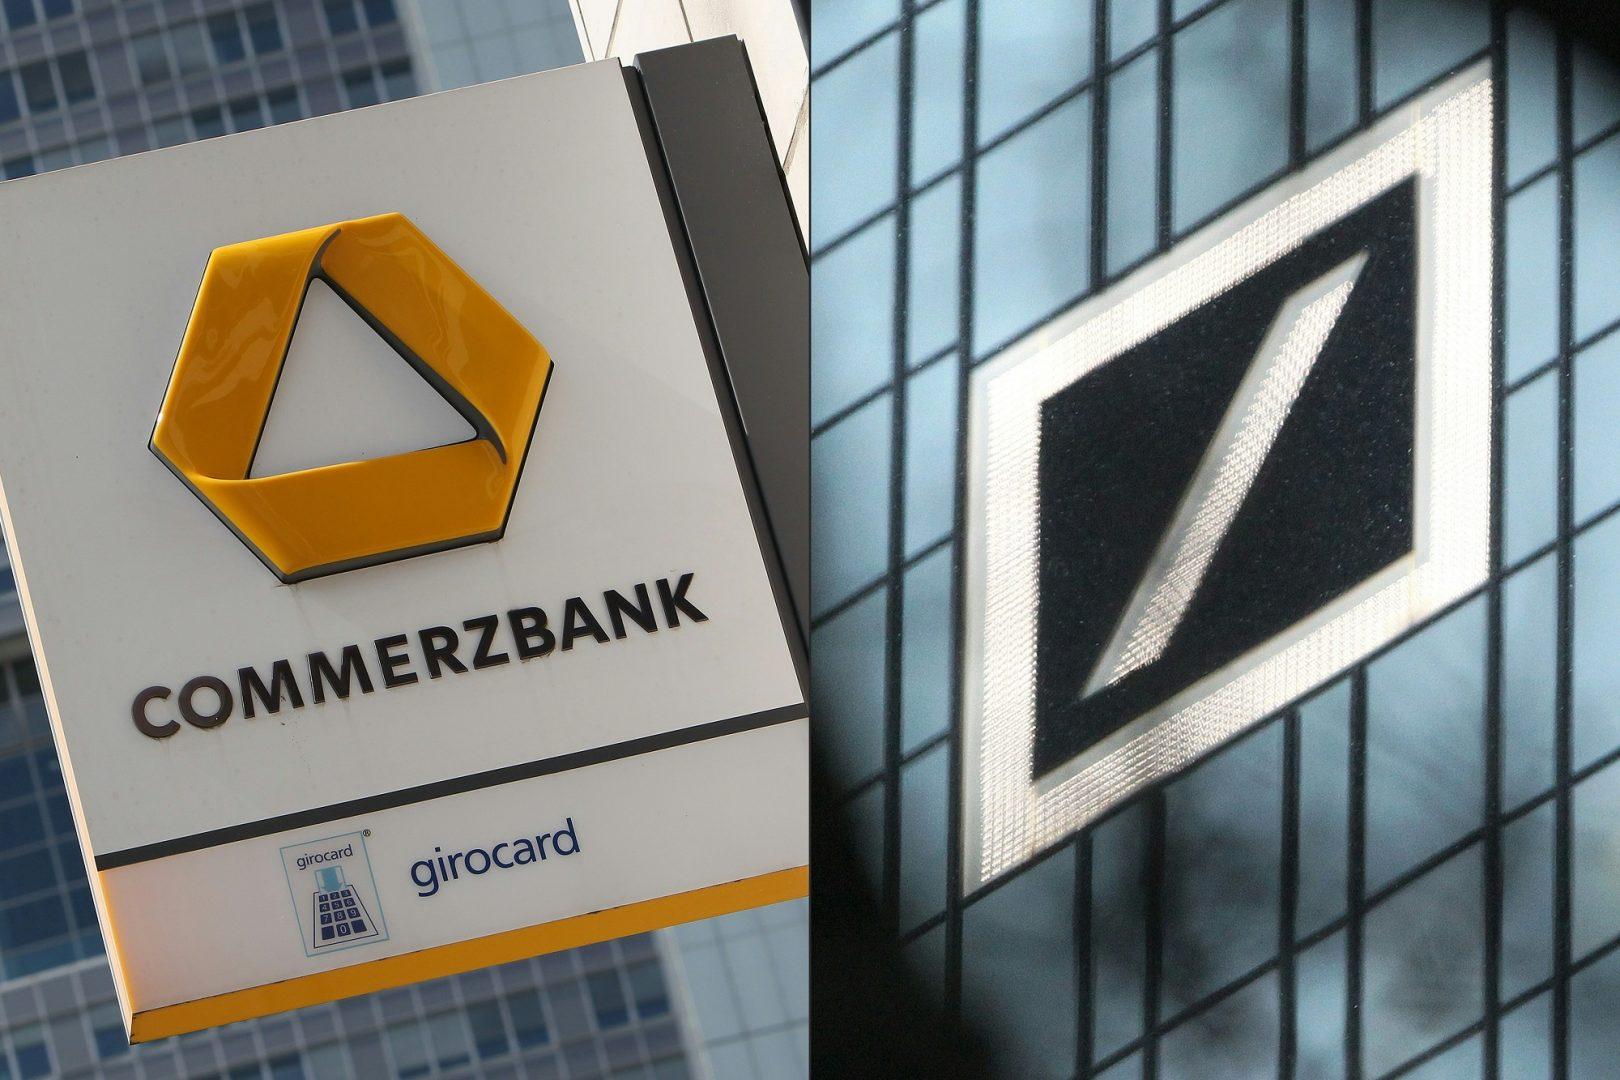 Đừng hy vọng sẽ thấy sự điều chỉnh kéo dài của giá vàng – Commerzbank